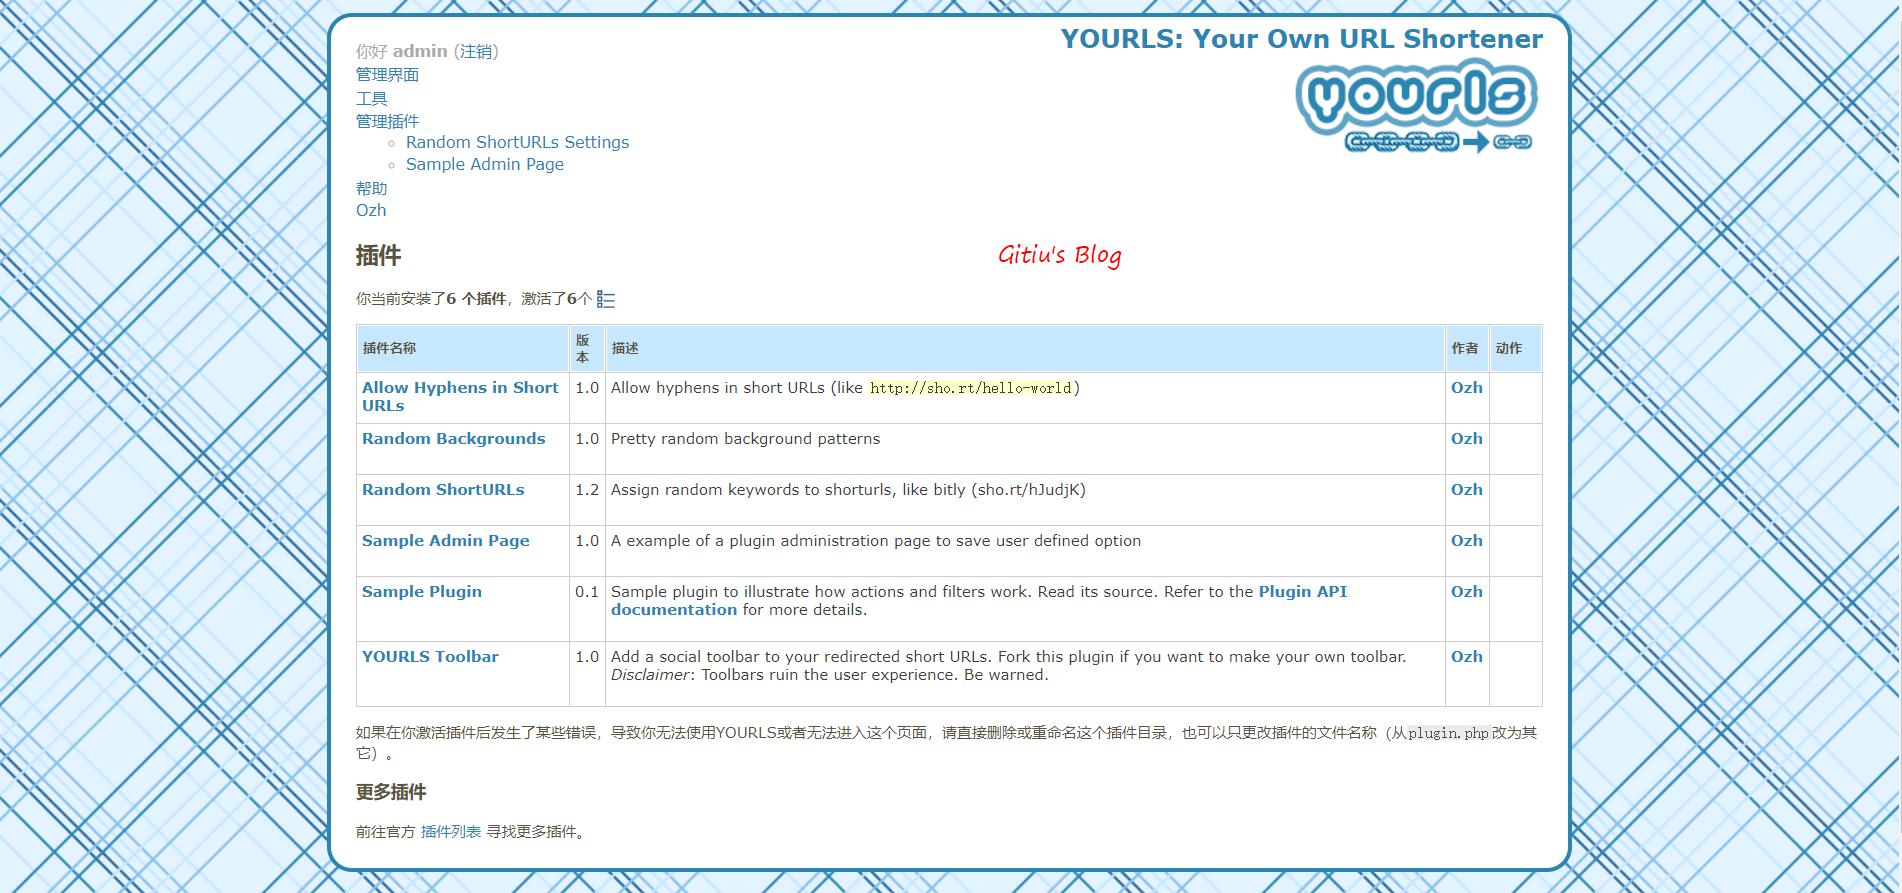 宝塔面板搭建YOURLS(yourls)-私人短链接地址服务插图(6)